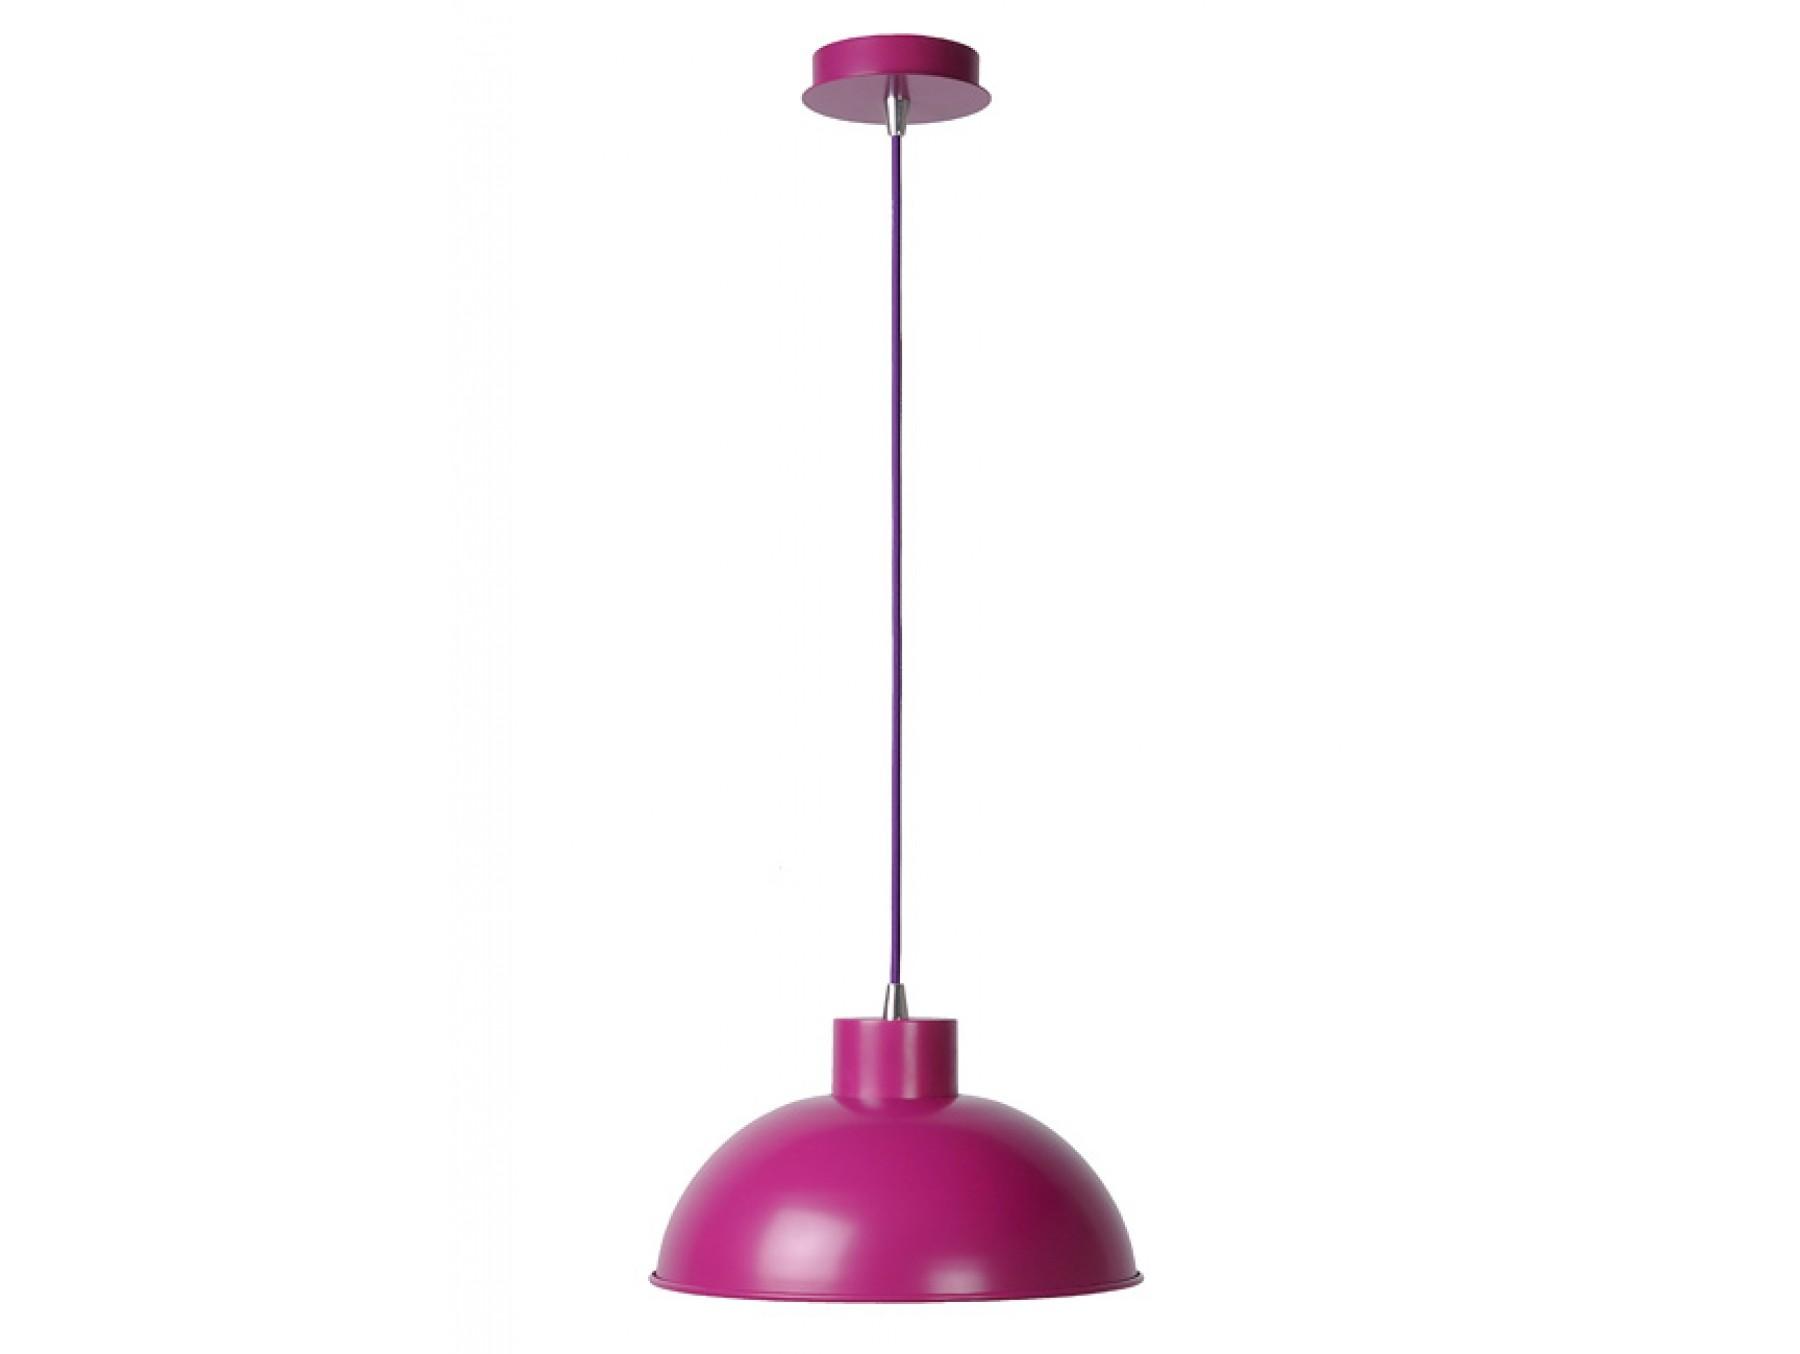 Подвесной светильник BORISПодвесные светильники<br>основание: металл&amp;lt;div&amp;gt;плафон: металл/фиолетовый&amp;lt;/div&amp;gt;&amp;lt;div&amp;gt;диаметр: 30 см&amp;lt;/div&amp;gt;&amp;lt;div&amp;gt;высота: 130 см&amp;lt;/div&amp;gt;&amp;lt;div&amp;gt;E27, 60W, 1 лампочка (в комплект не входит)<br>&amp;lt;/div&amp;gt;<br><br>Material: Металл<br>Height см: 130<br>Diameter см: 30